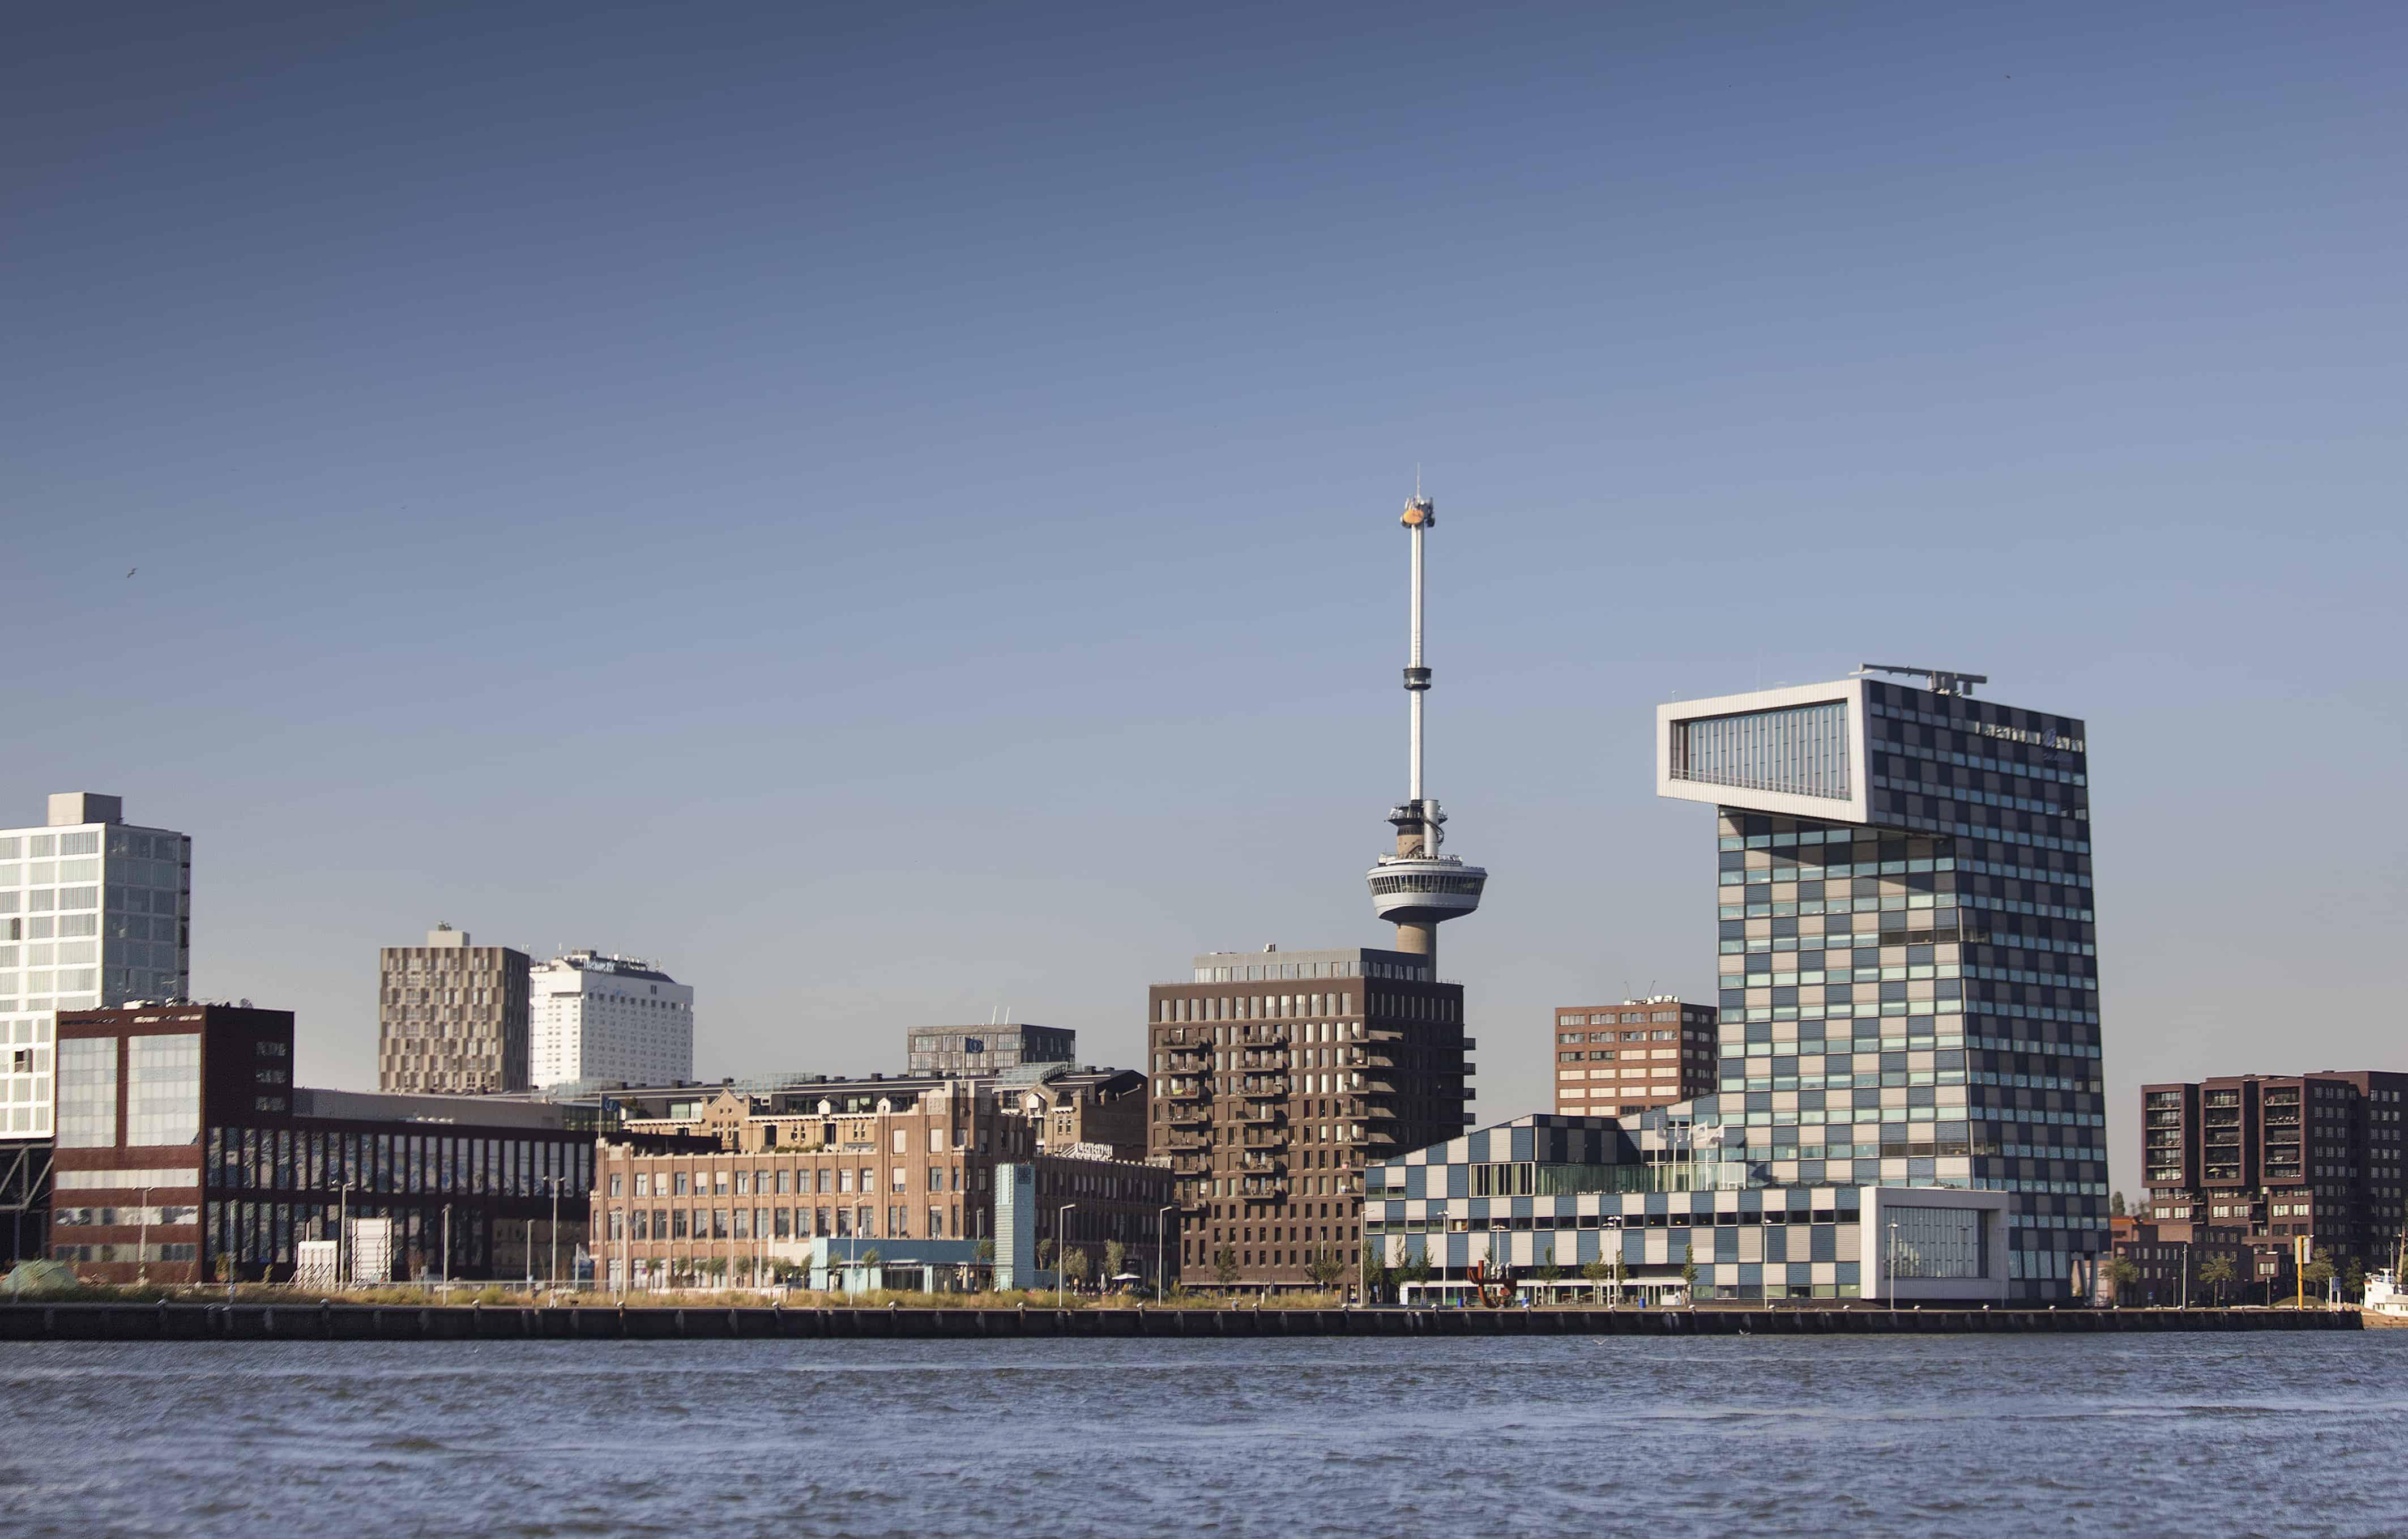 Het Lloydkwartier met de Euromast op de achtergrond (c) Claire Droppert